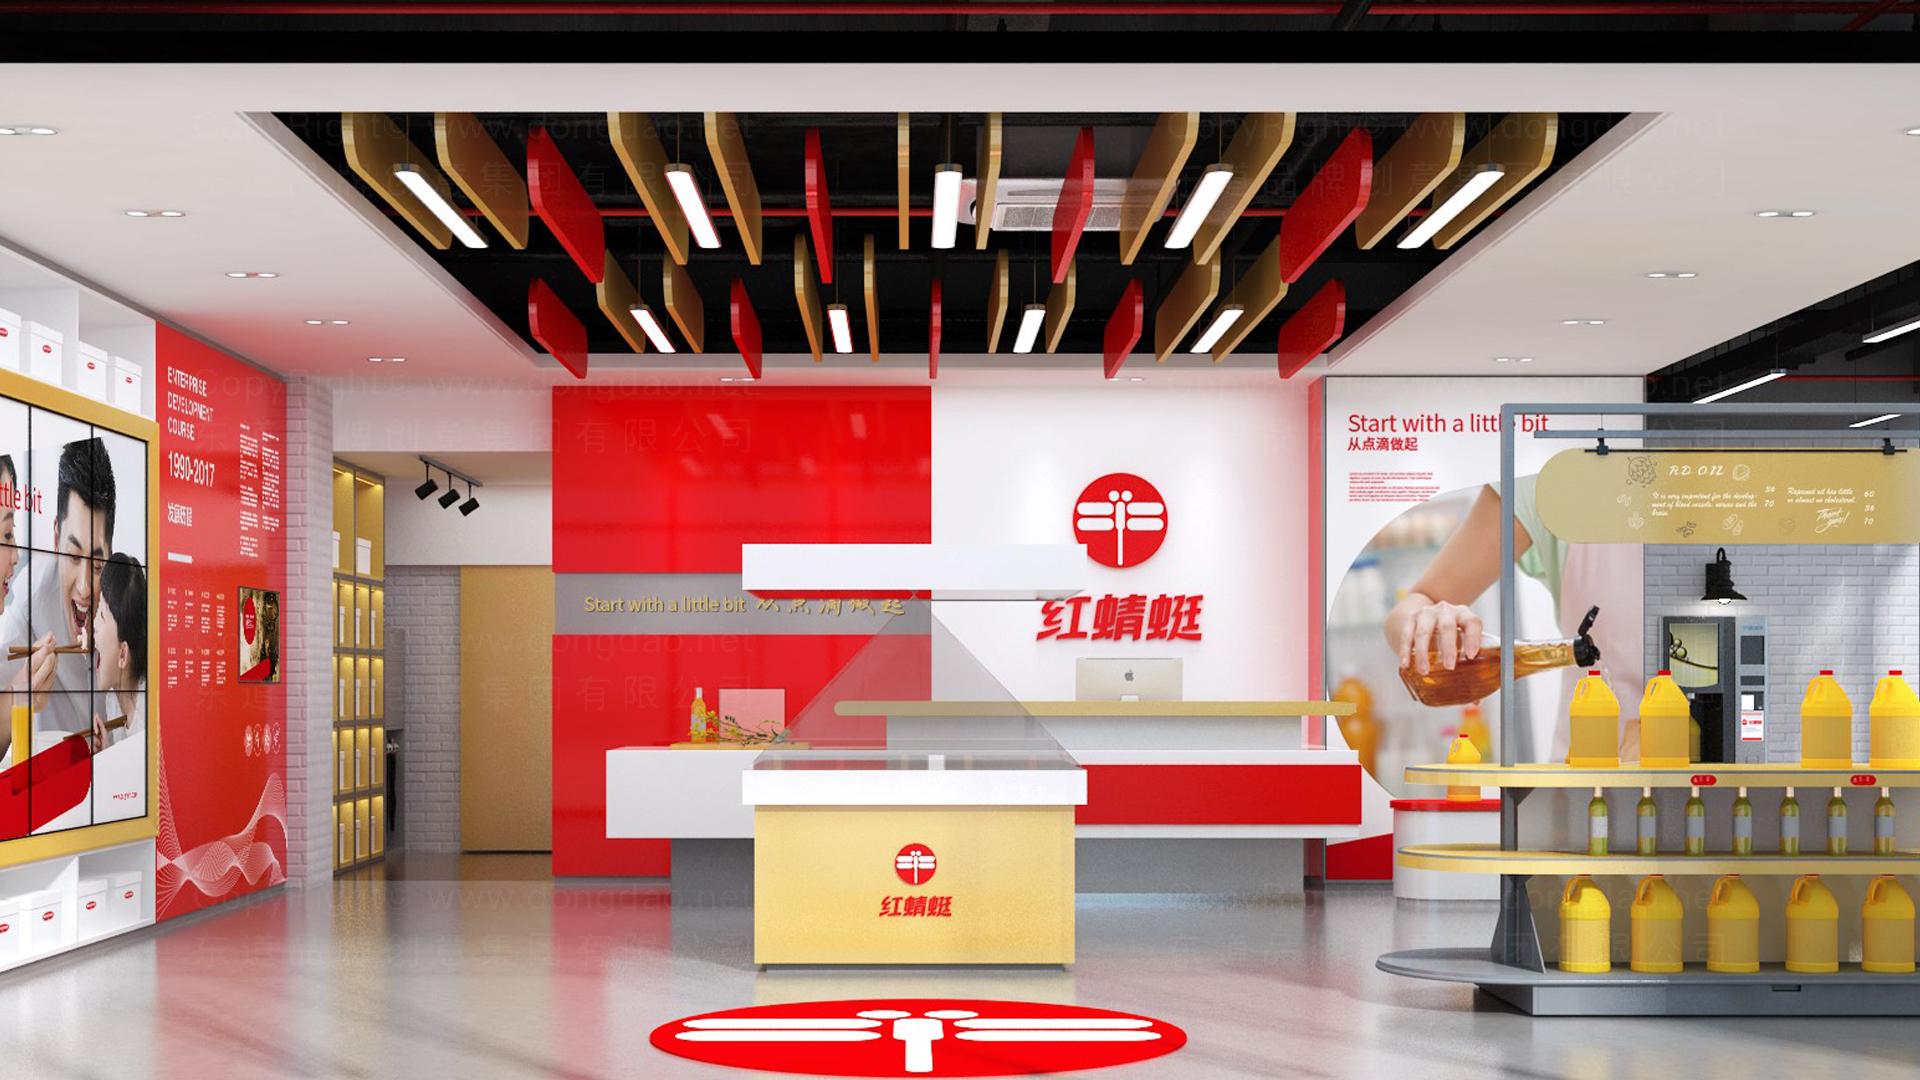 商业空间&导示案例红蜻蜓SI环境概念设计